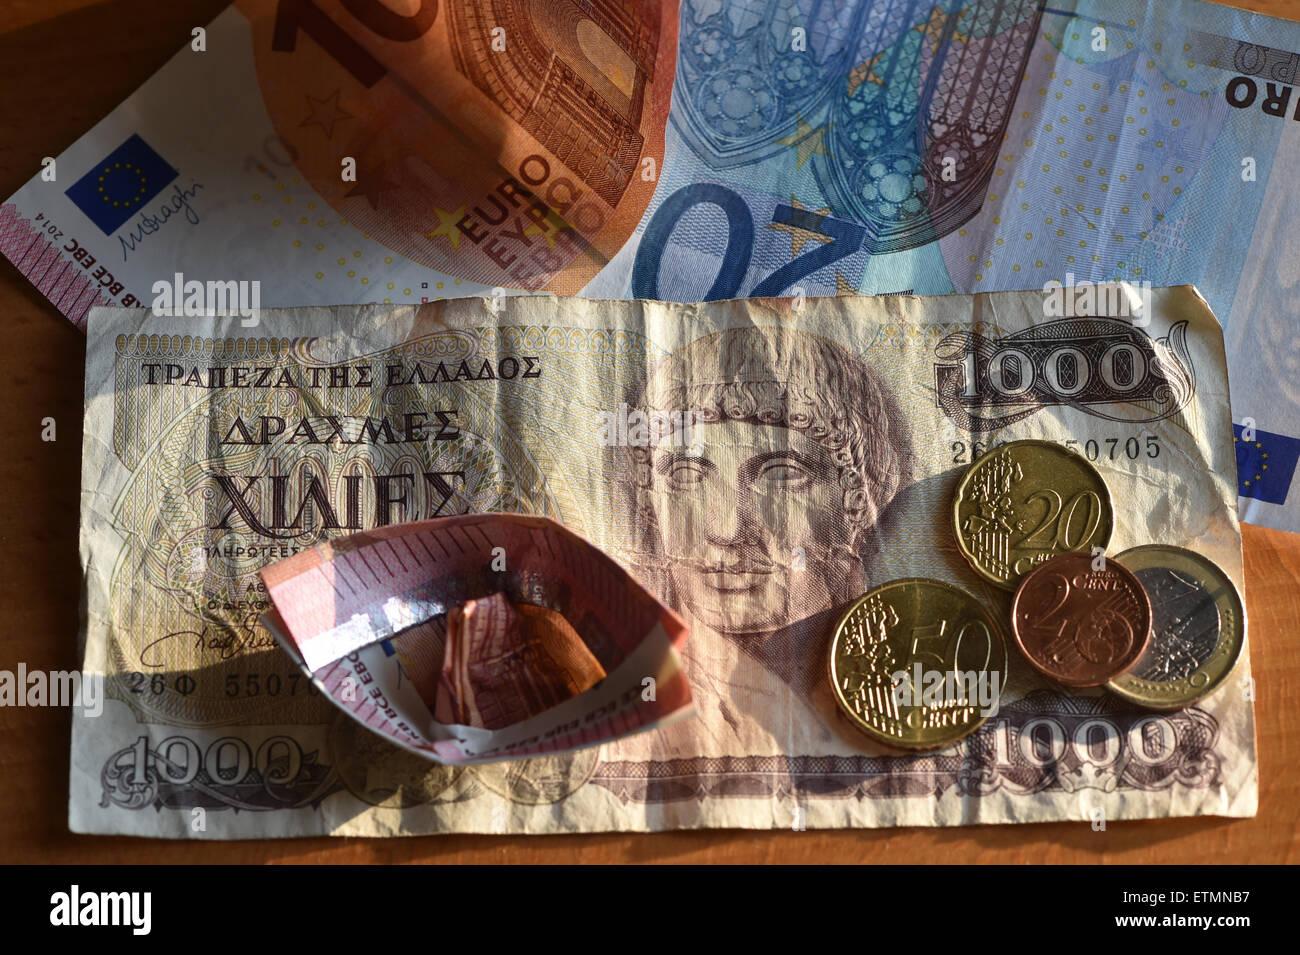 Berlín, Alemania. El 14 de junio de 2015. Ilustración - Las monedas de Euro, euro 1000 cuentas y un dracma griego bill son vistos en Berlín, Alemania, el 14 de junio de 2015. Foto: Jens Kalaene/dpa/Alamy Live News Foto de stock